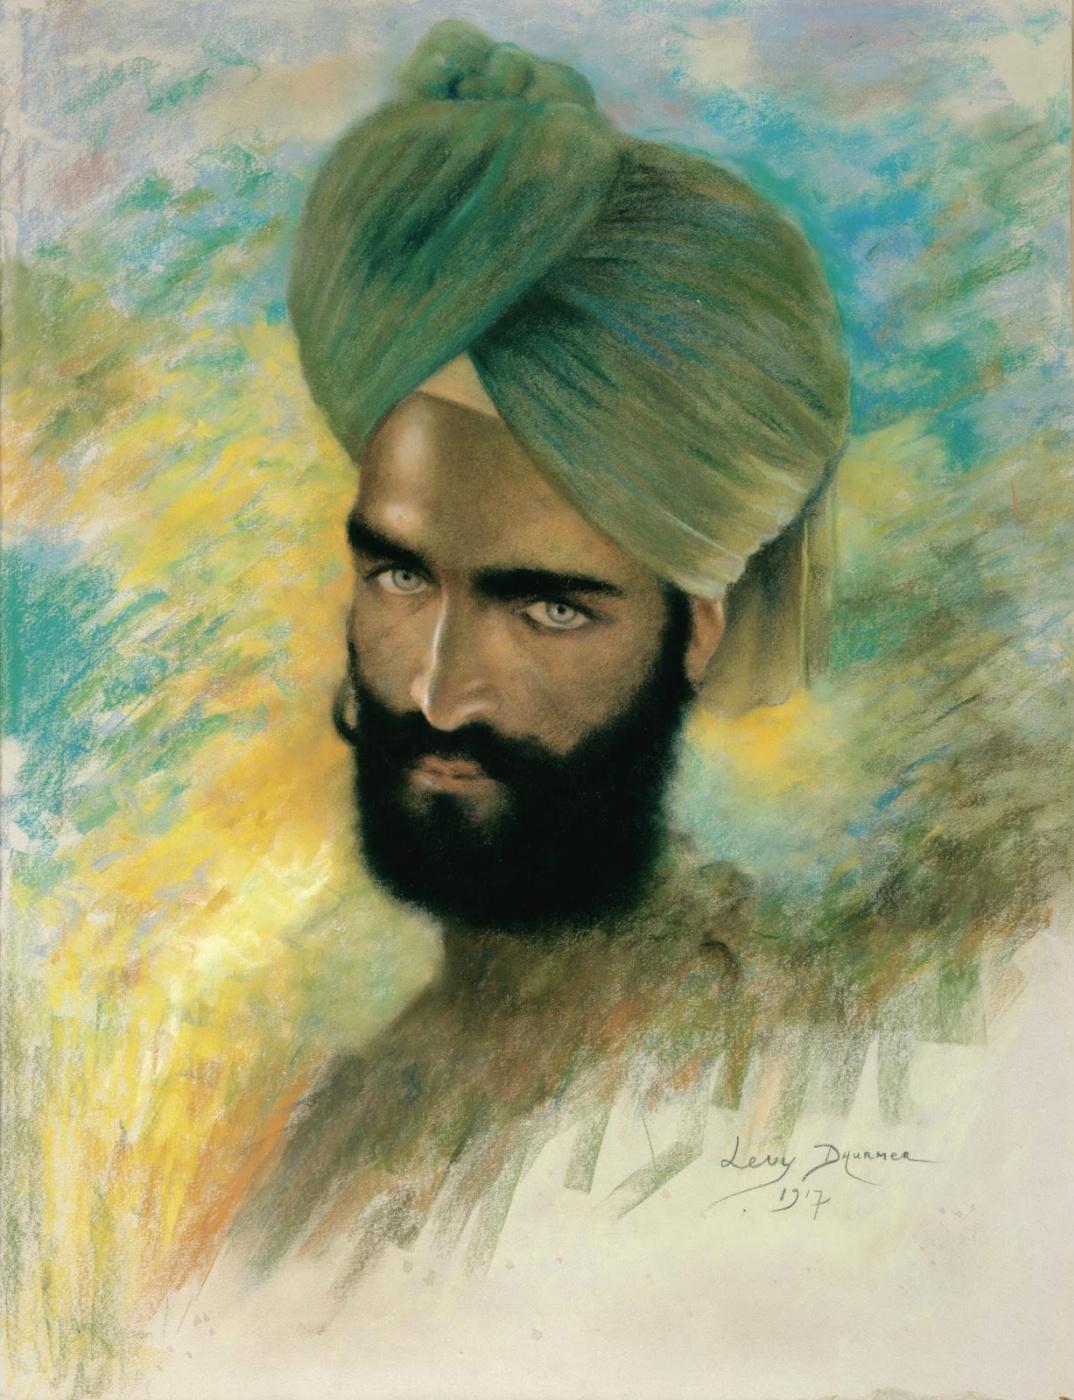 Lucien Levi-Durme. Sikh. 1917